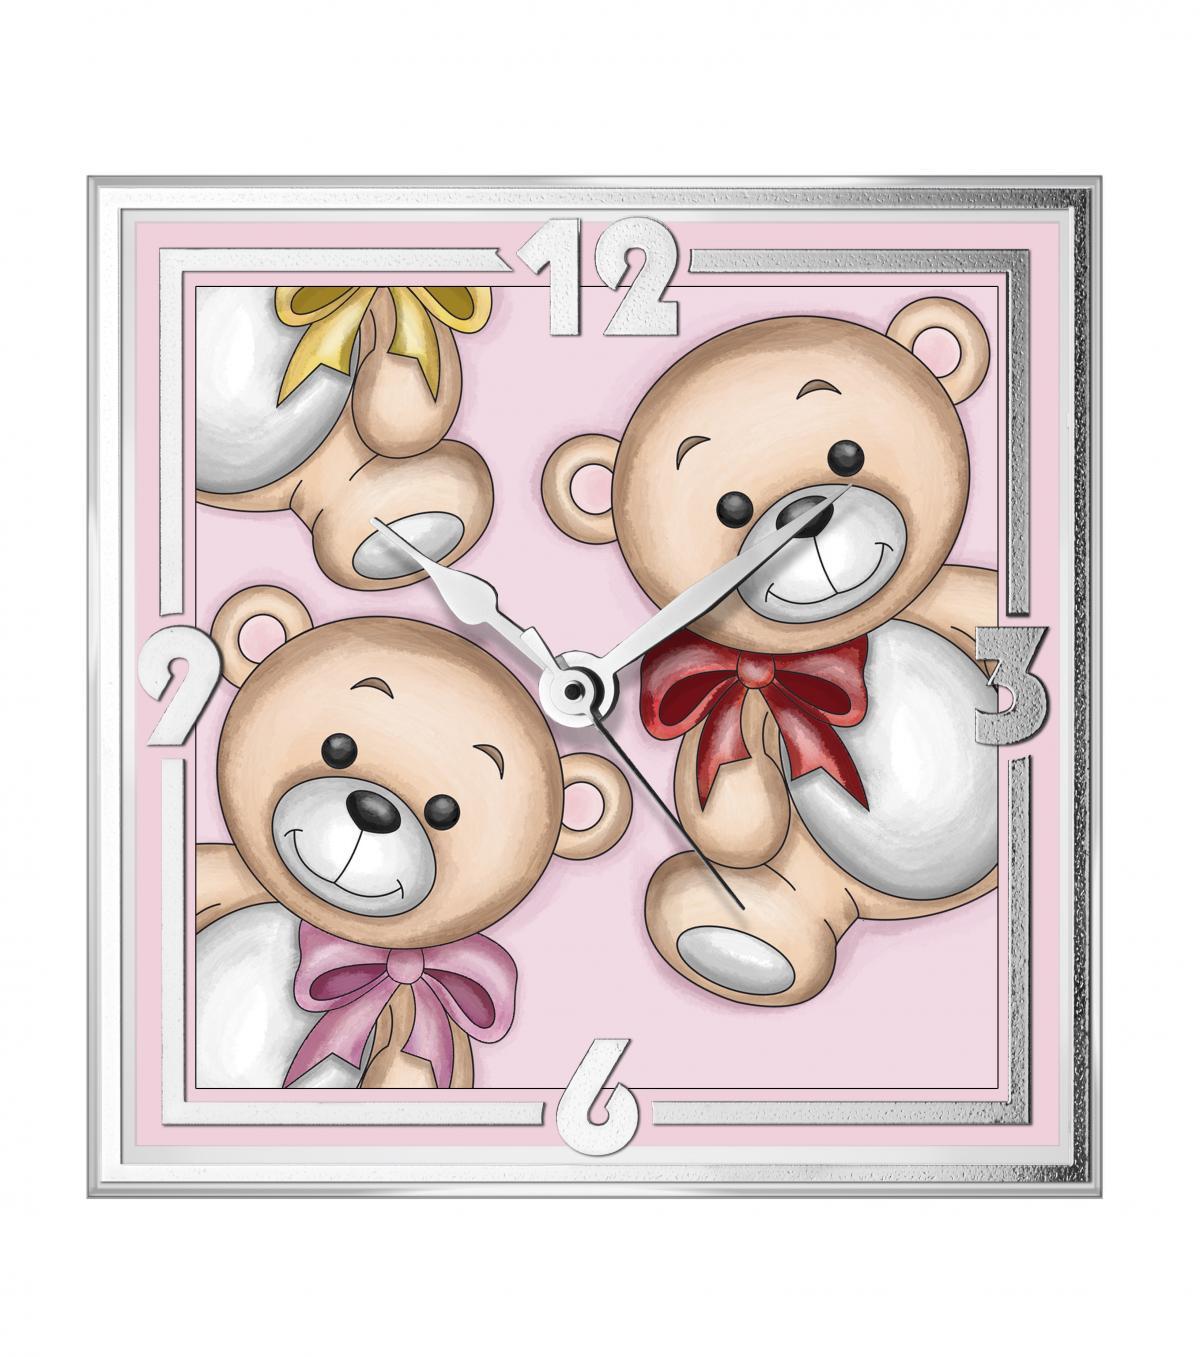 Годинник дитячий настільний ``Teddy Bear`` рожевий  (13x13см)